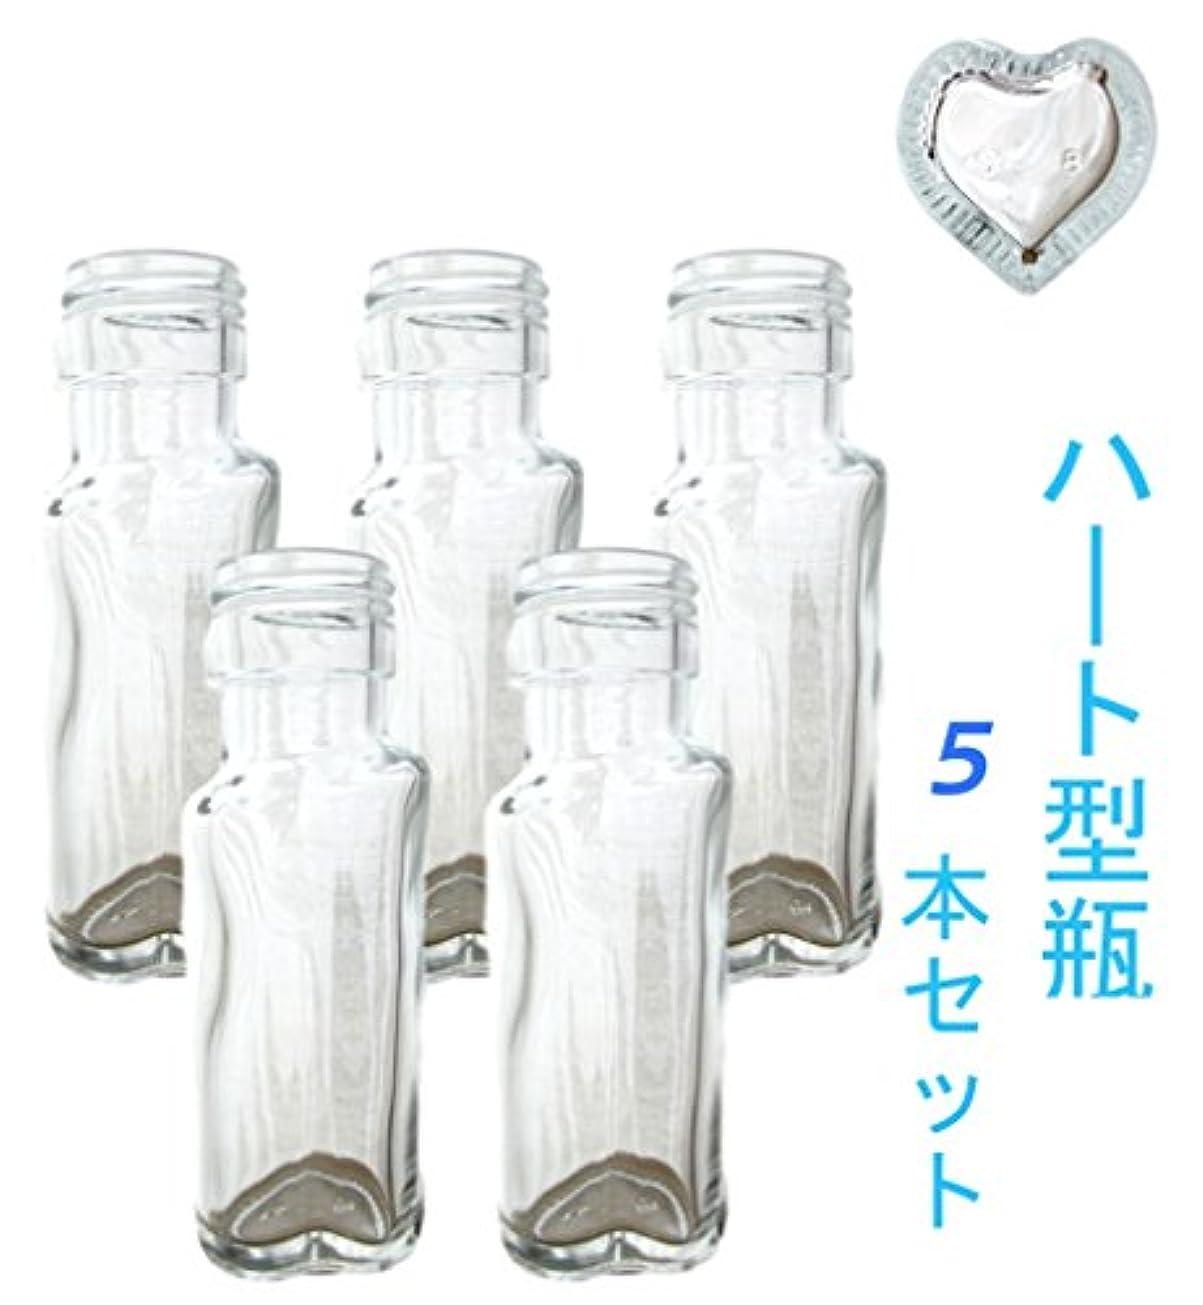 膜王位熱(ジャストユーズ) JustU's 日本製 ポリ栓 中栓付きハート型ガラス瓶 5本セット 50cc 50ml アロマデュフューザー ハーバリウム 調味料 オイル タレ ドレッシング瓶 B5-SSH50A-KAS